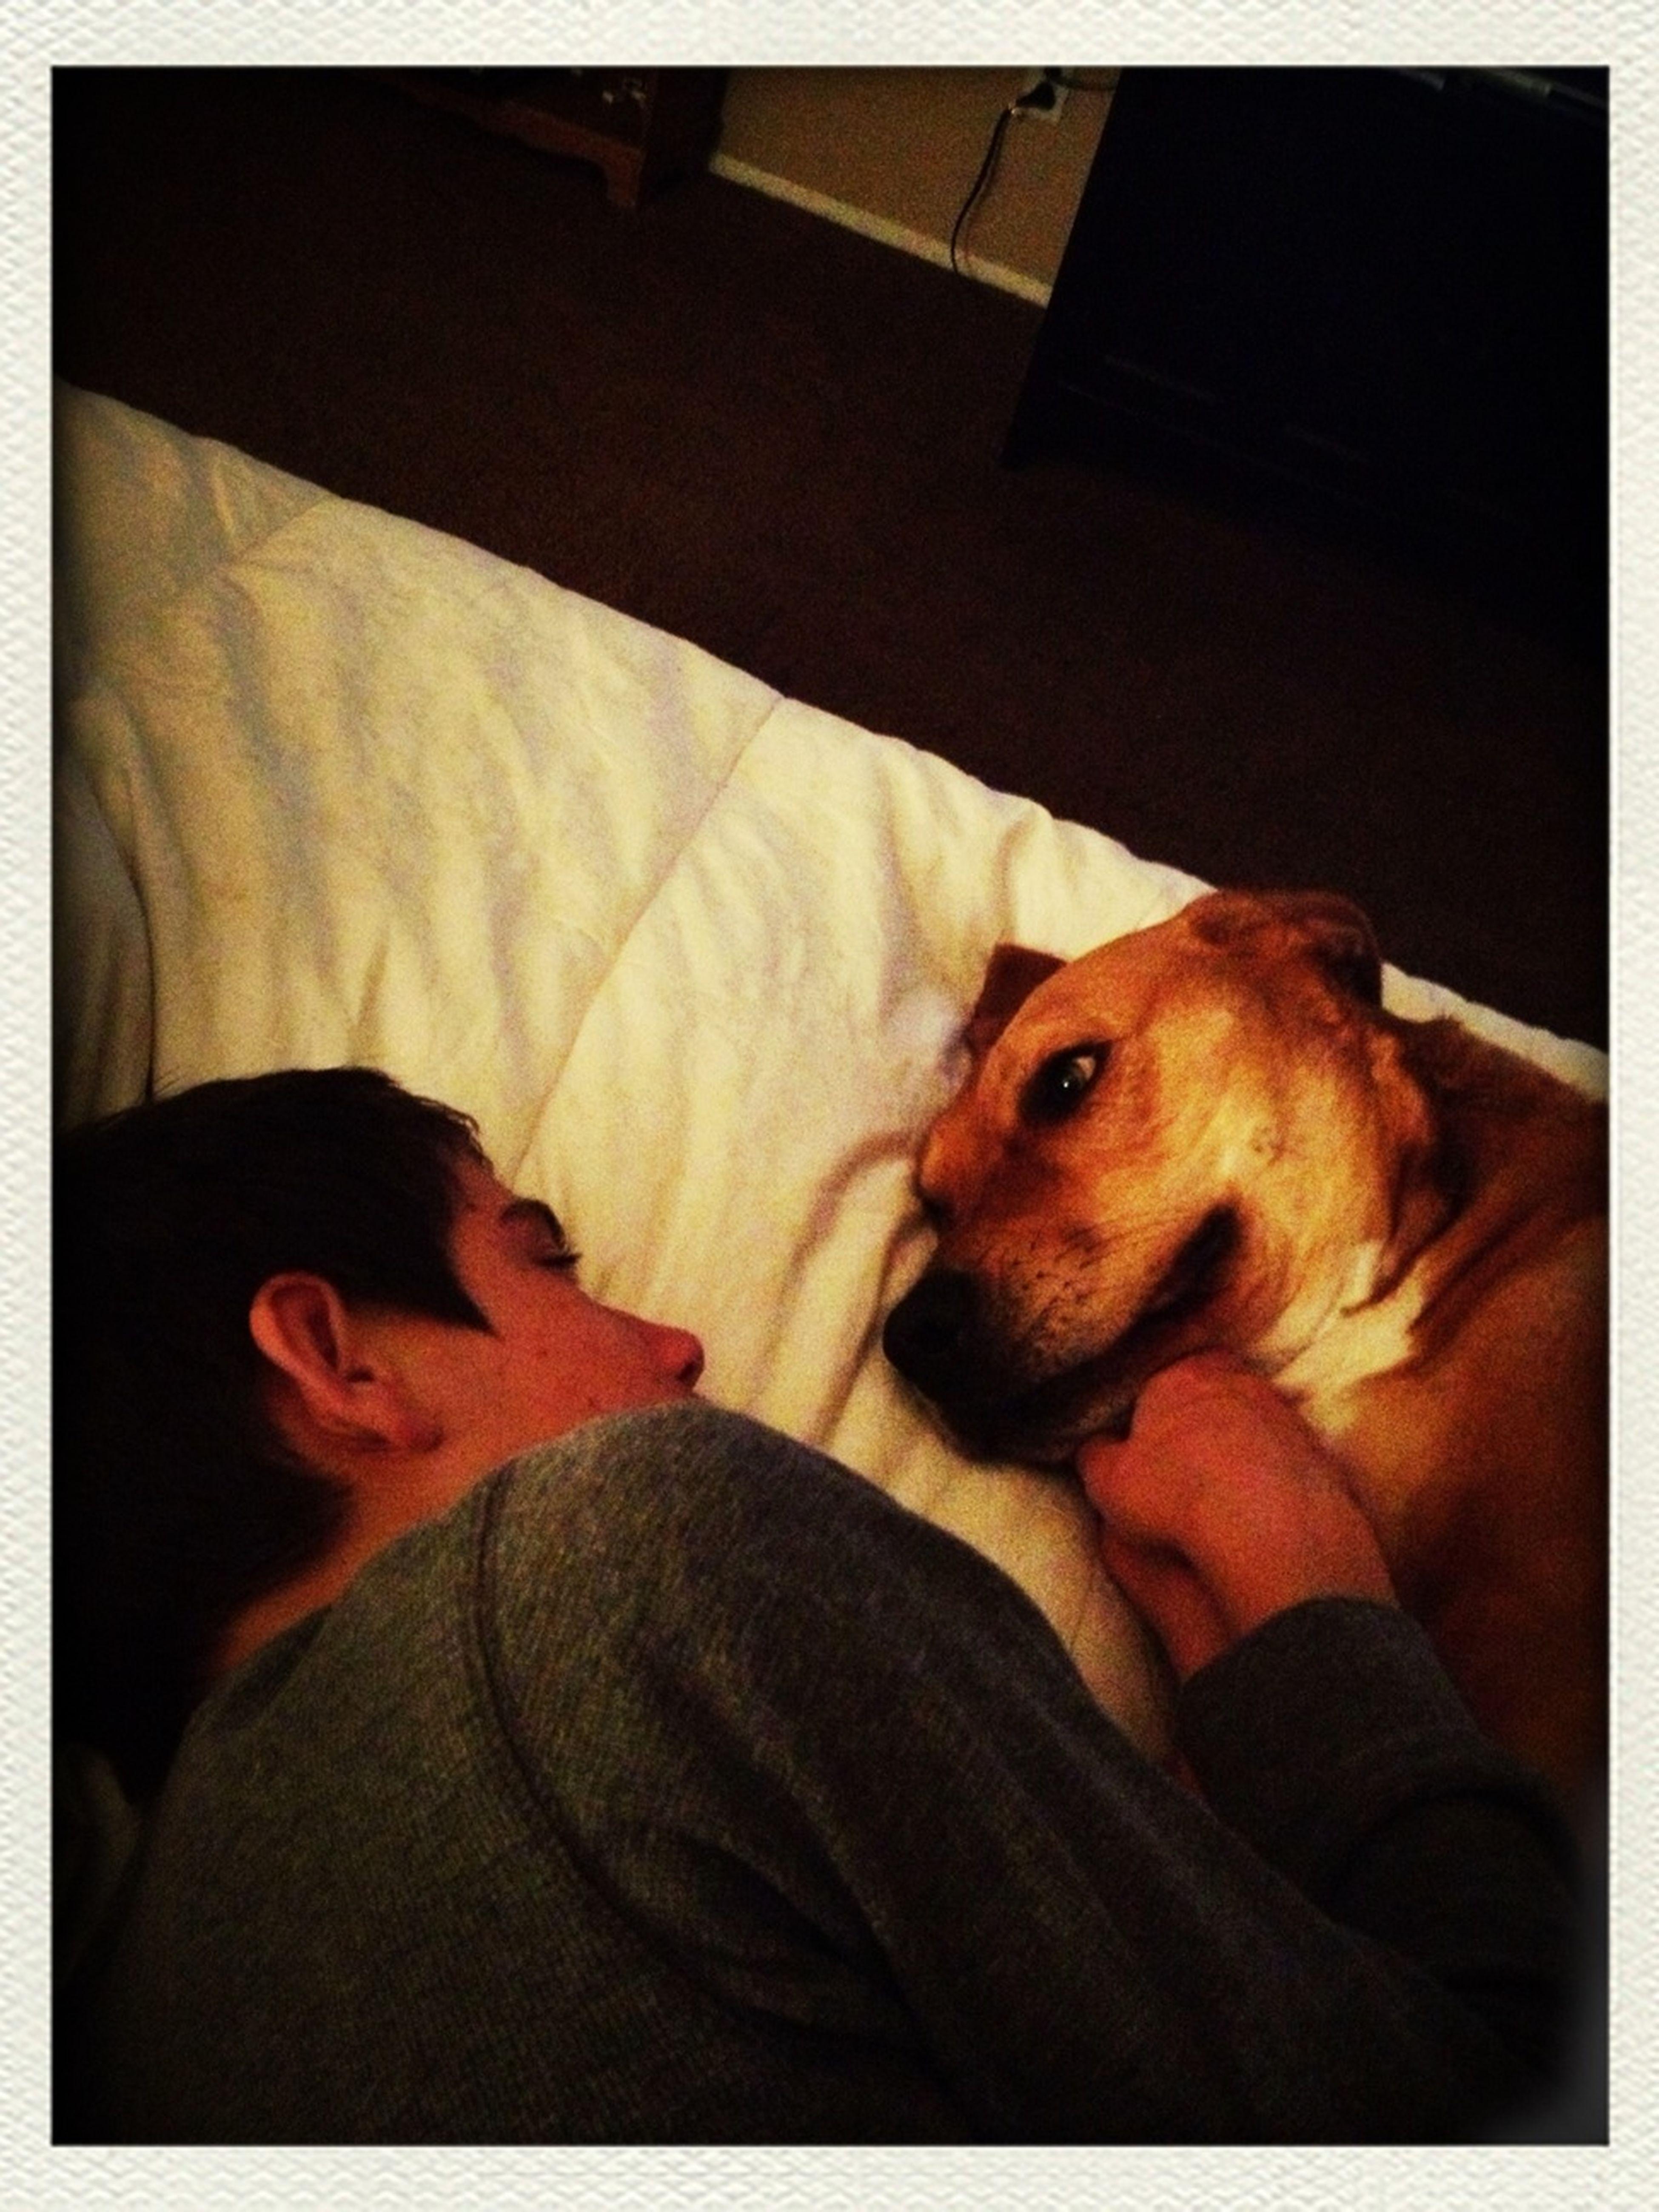 Zach & Duke